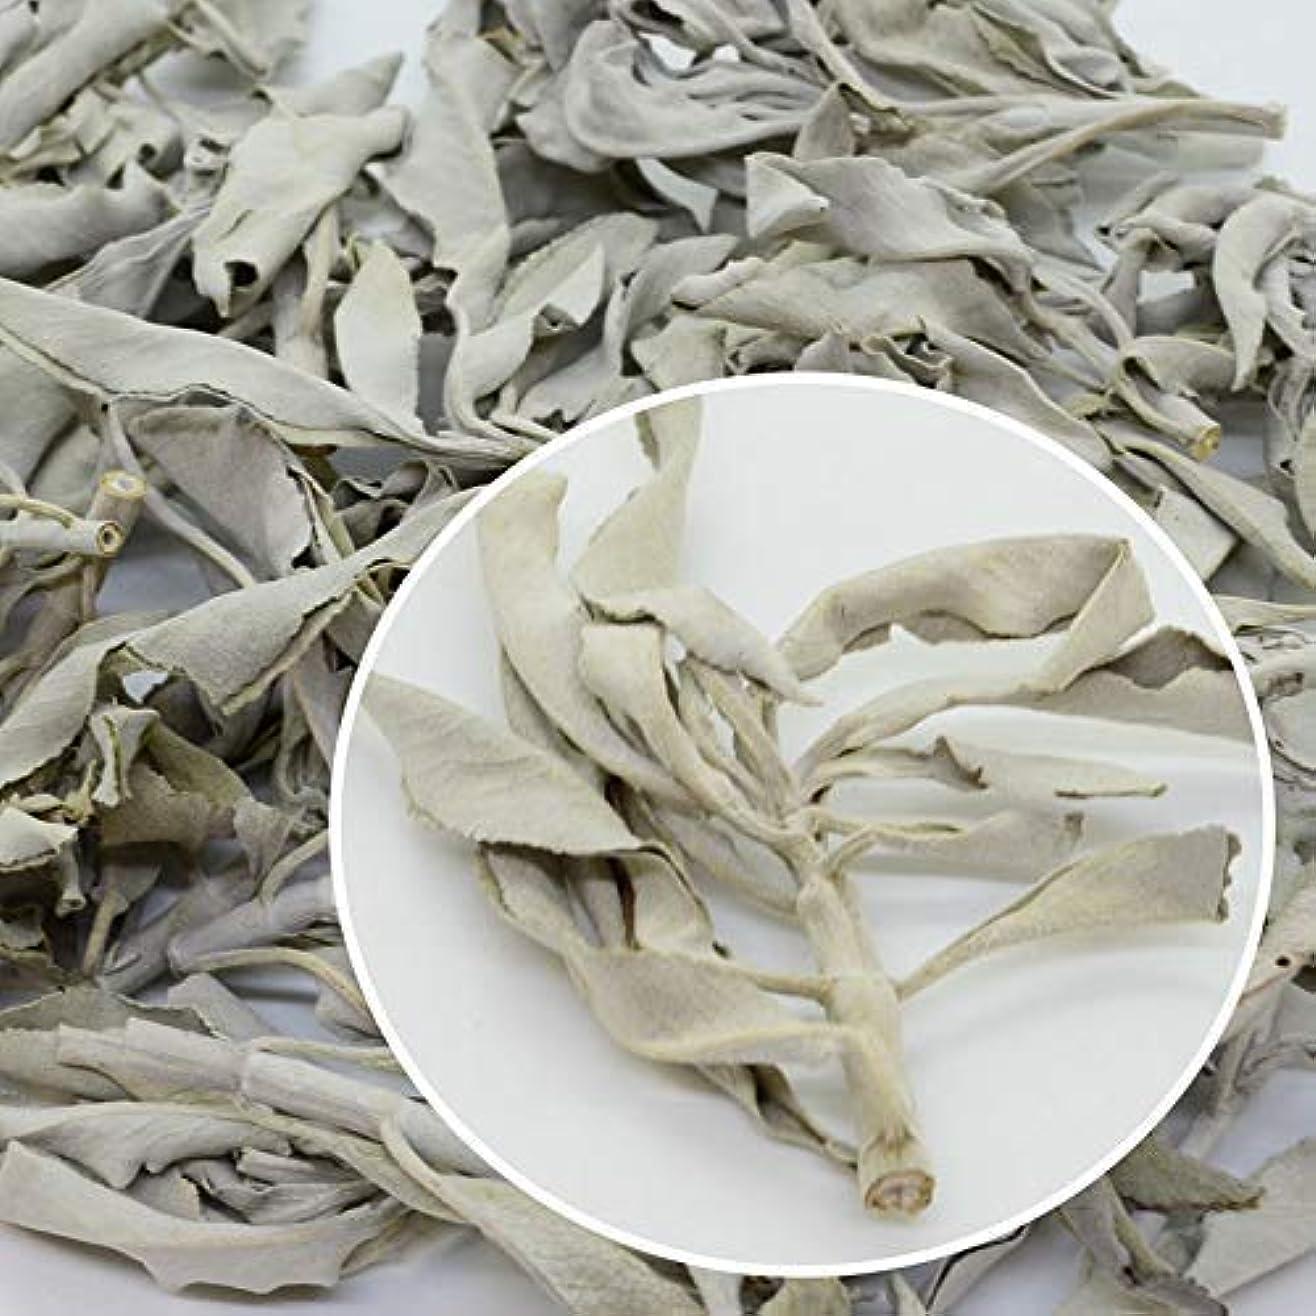 決して短命スポークスマン高品質 無農薬 ホワイトセージ クラスター (枝付き) 10gカリフォルニア産 浄化用 お香に